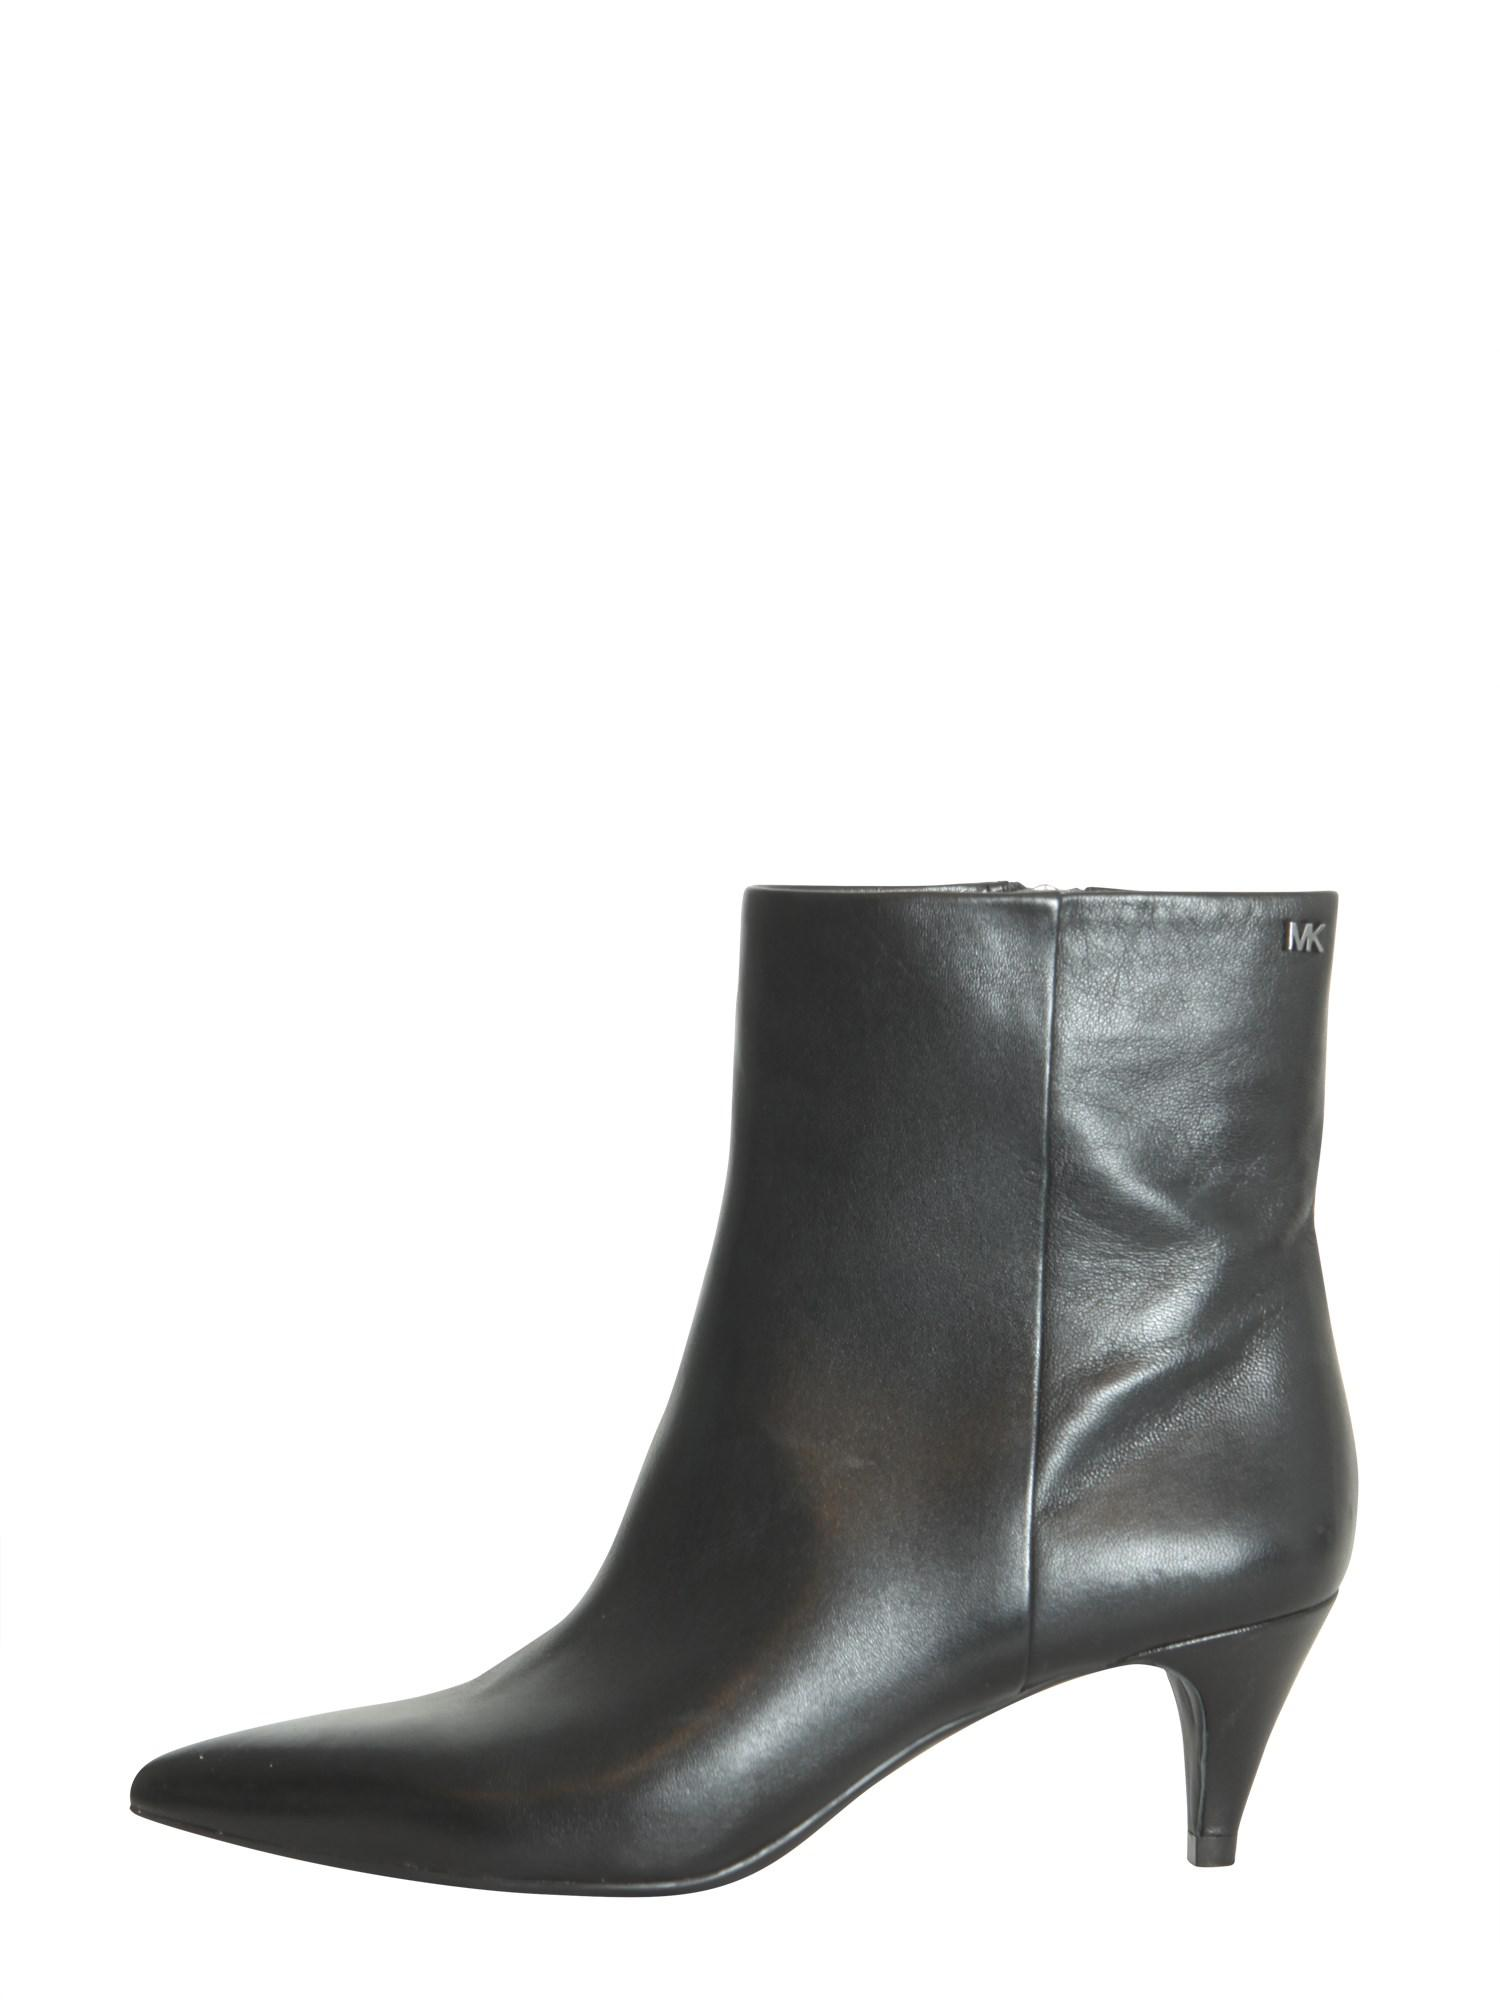 hilZRwk4Wm Blaine flex kitten ankle boots Rb5ZXuYH